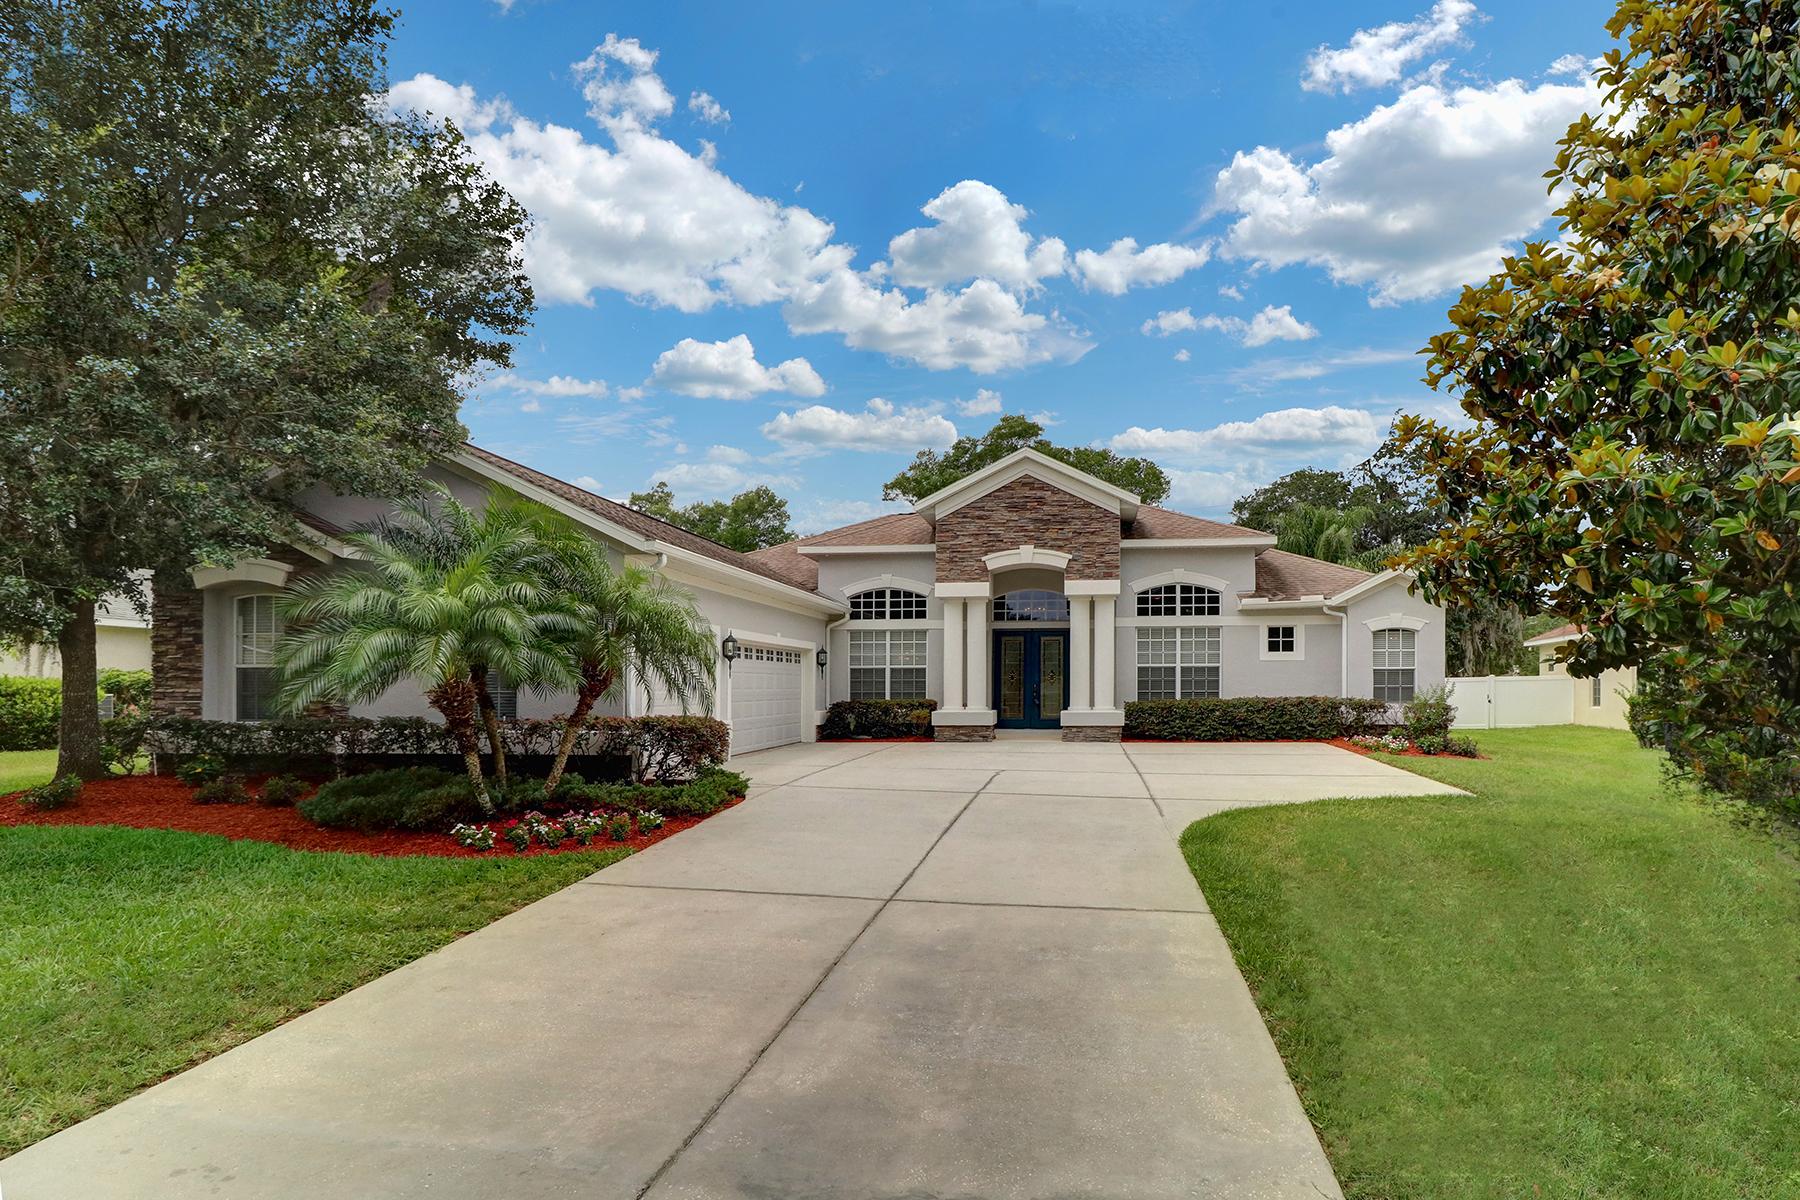 Einfamilienhaus für Verkauf beim VALRICO 1614 Brilliant Cut Way Valrico, Florida, 33594 Vereinigte Staaten